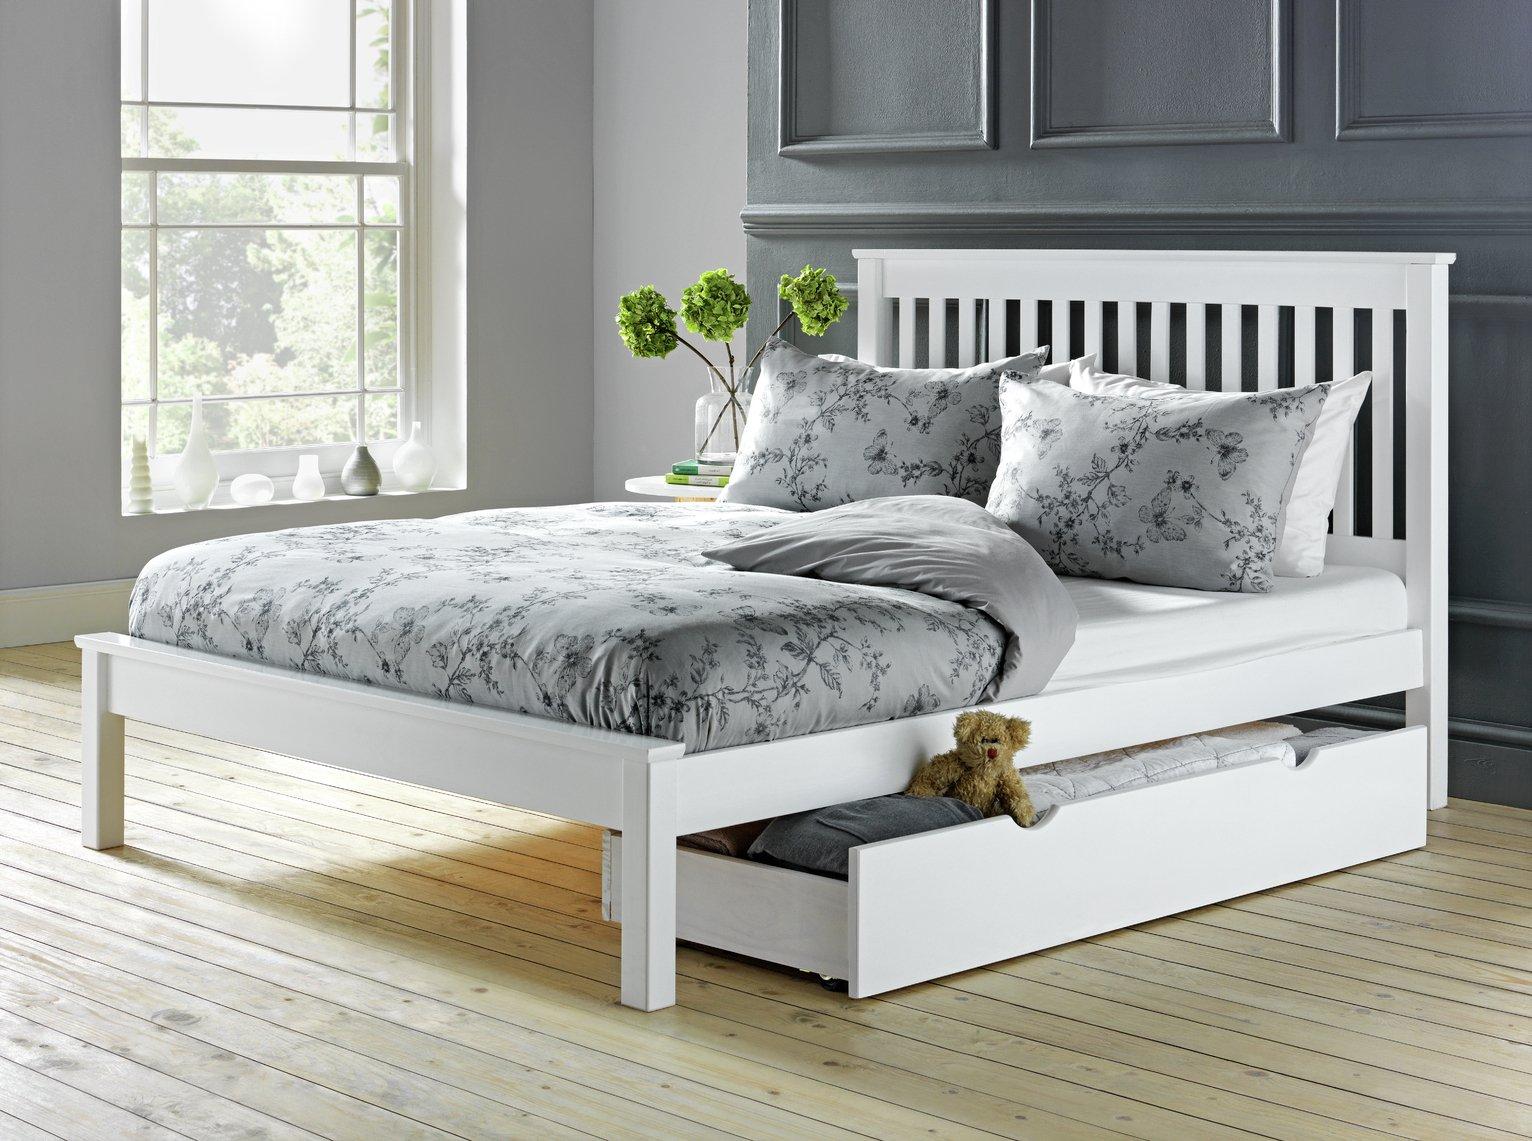 Buy Argos Home Aspley Kingsize Bed Frame White Bed Frames Argos